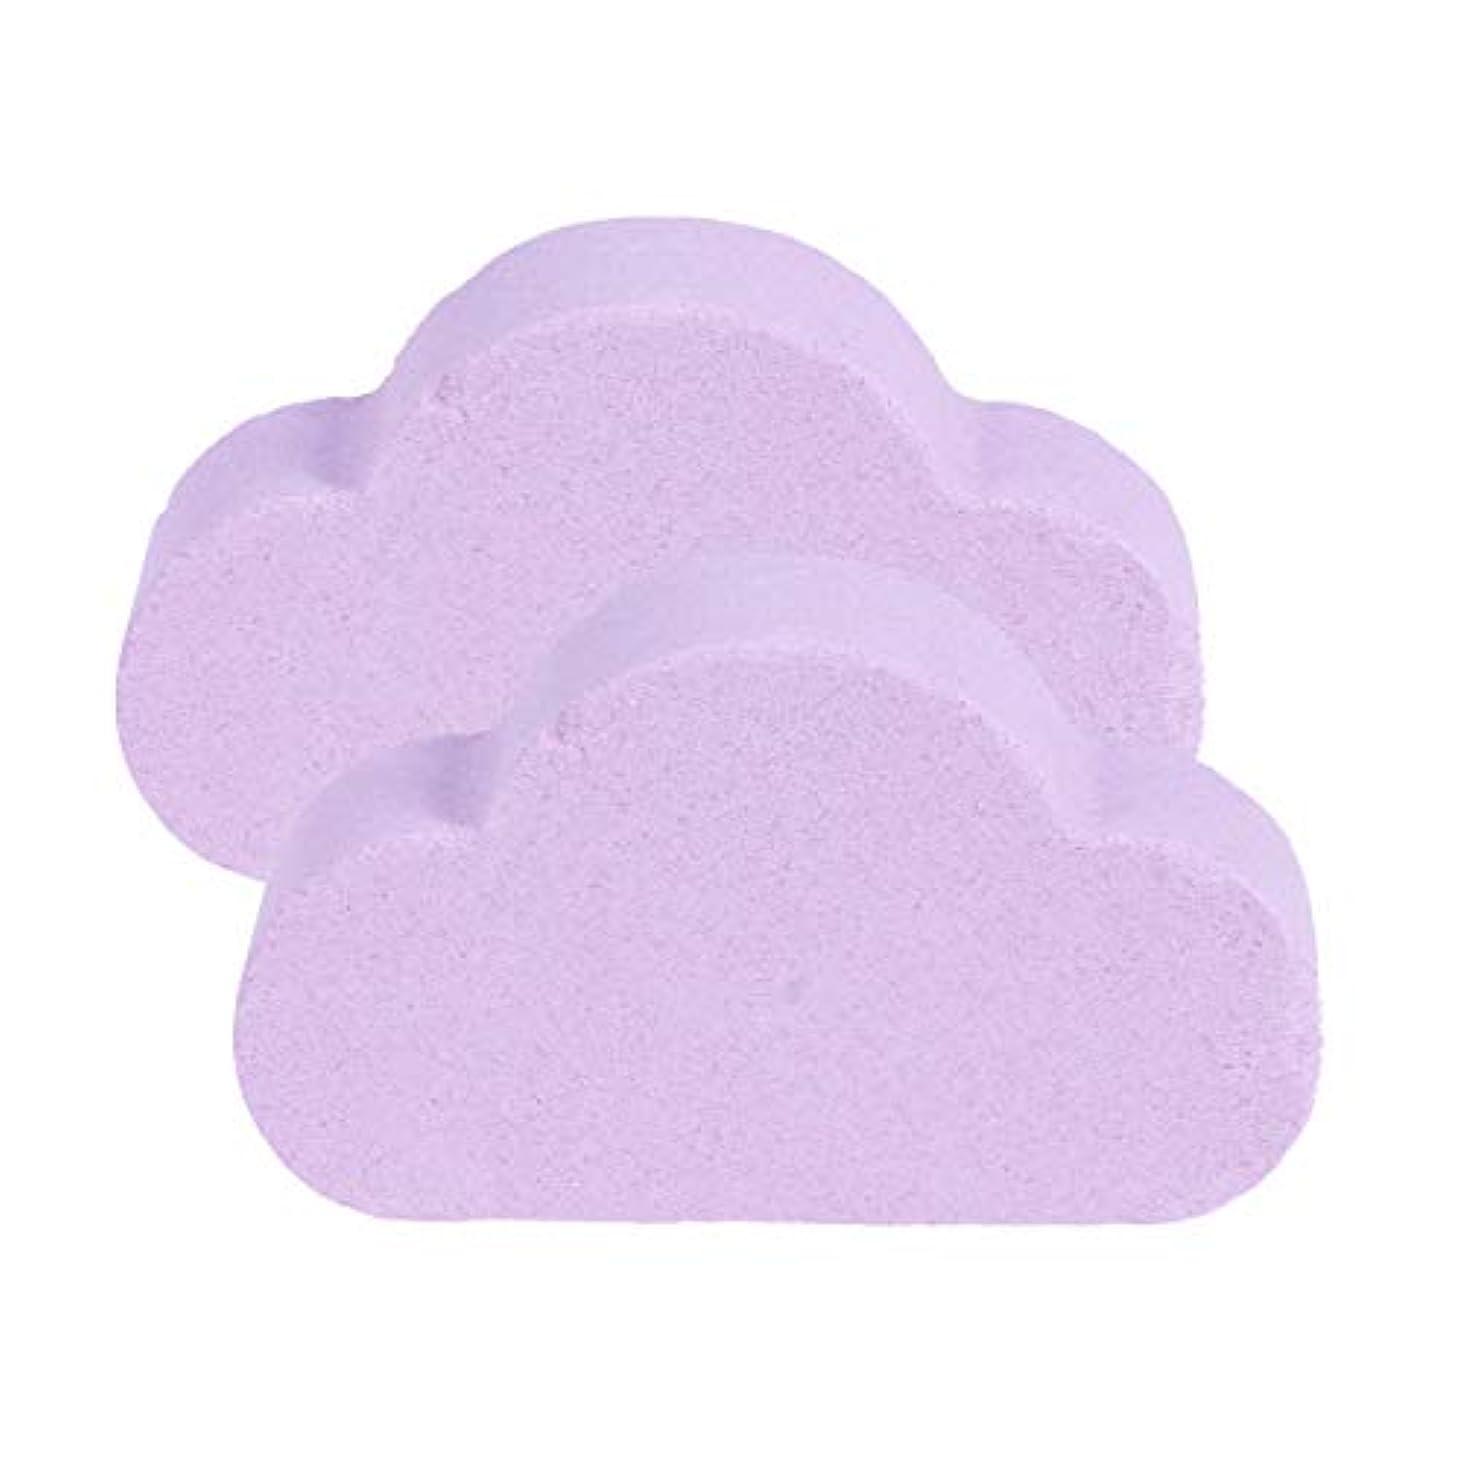 はちみつ舞い上がる民間SUPVOX 2ピース風呂爆弾エッセンシャルオイルクラウド形状塩バブル家庭用スキンケア風呂用品用バブルスパ風呂ギフト